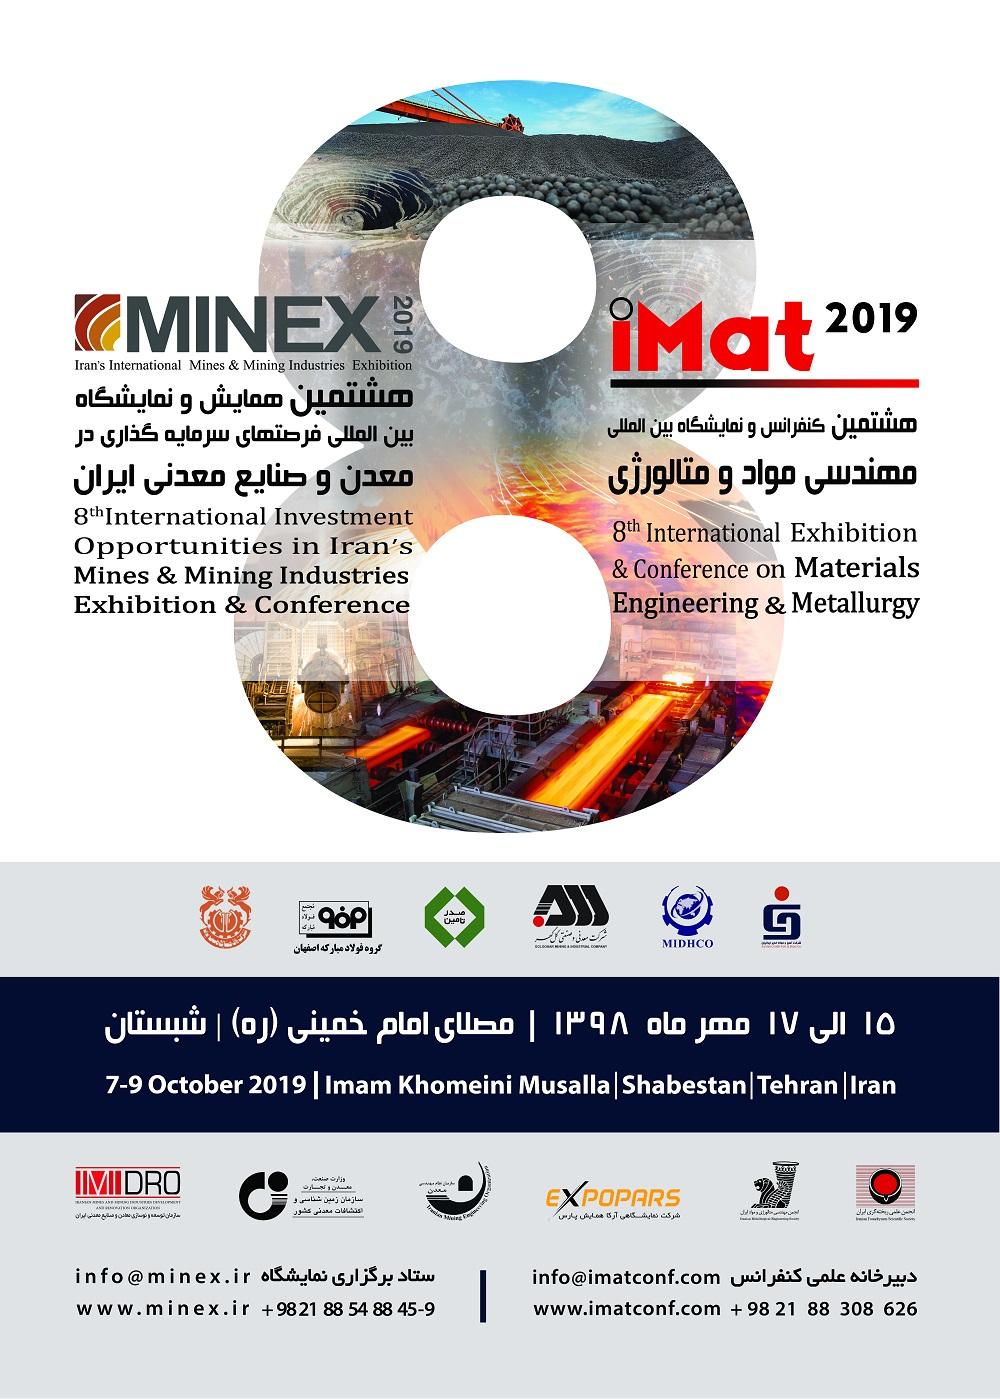 تهران نیمه مهر ماه میزبان دو رویداد مهم حوزه معدن و صنایع معدنی است